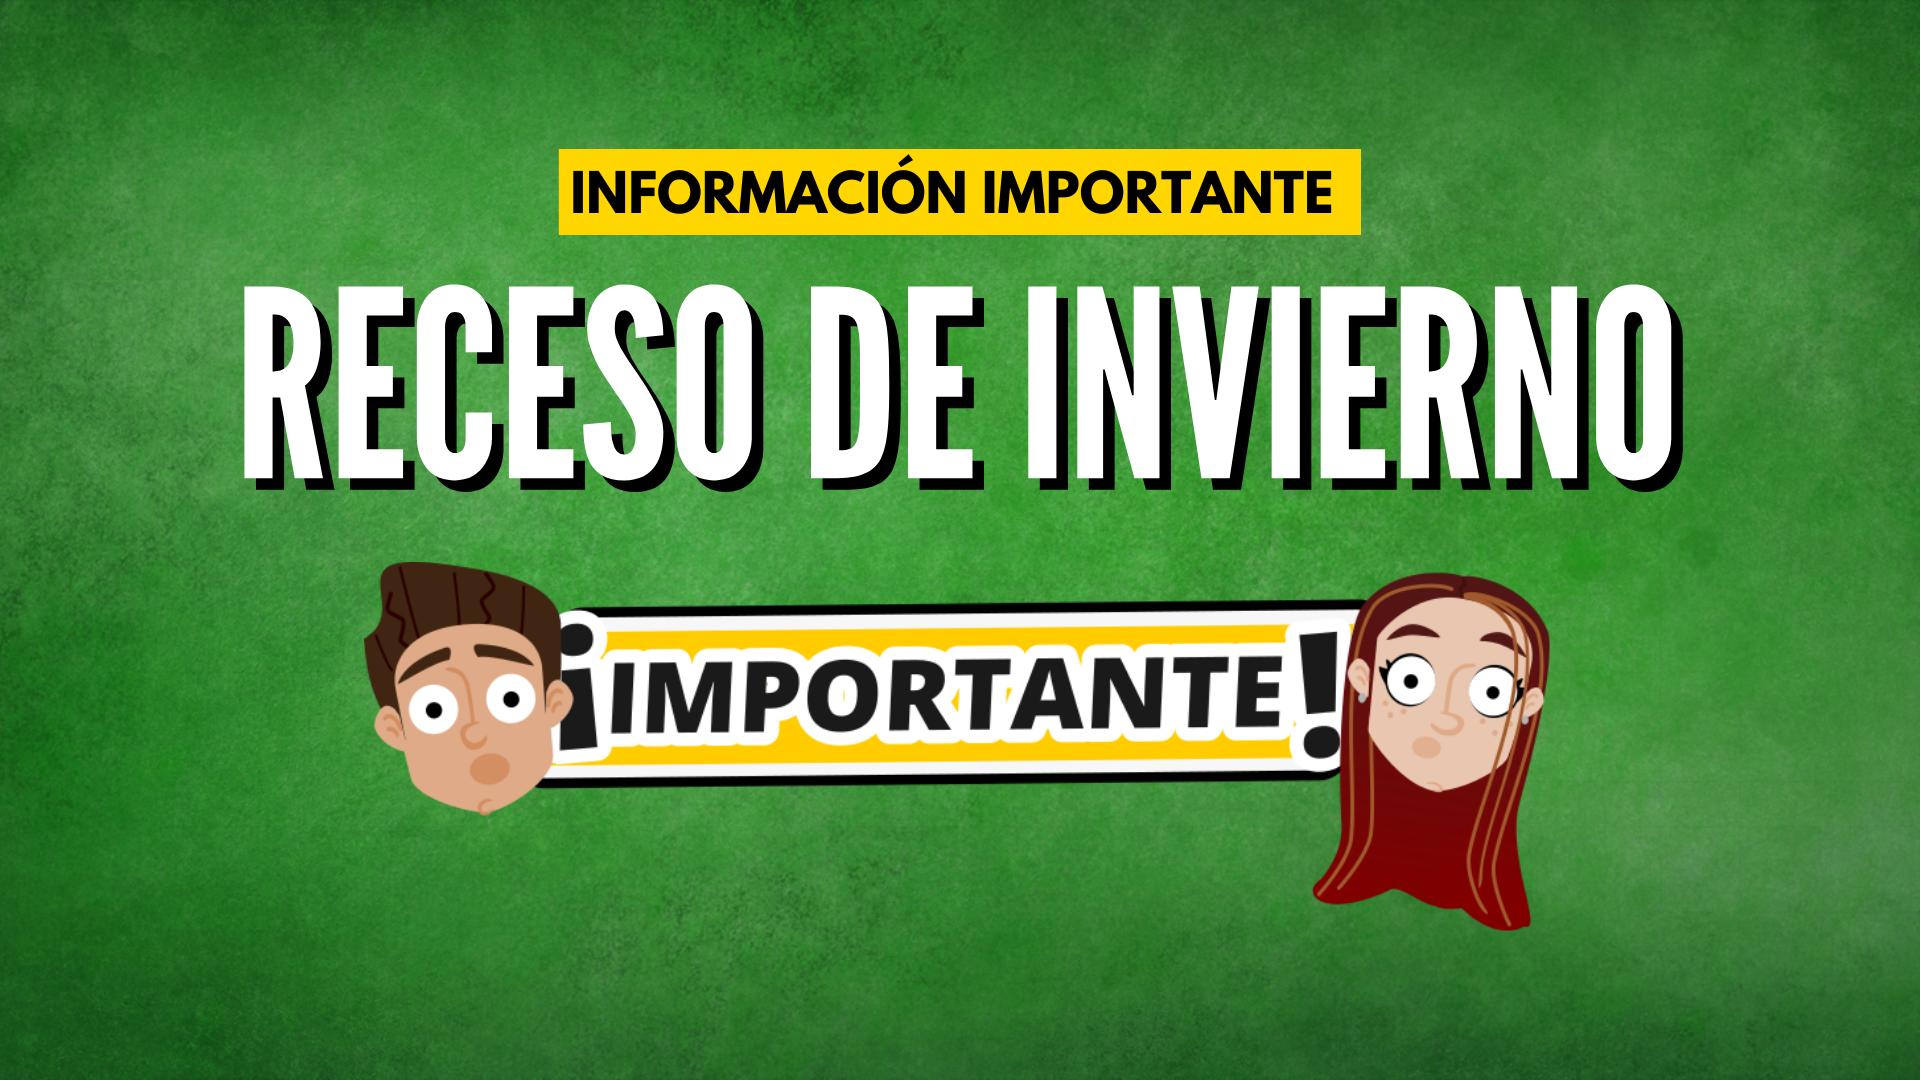 INFORMACIÓN IMPORTANTE RECESO DE INVIERNO